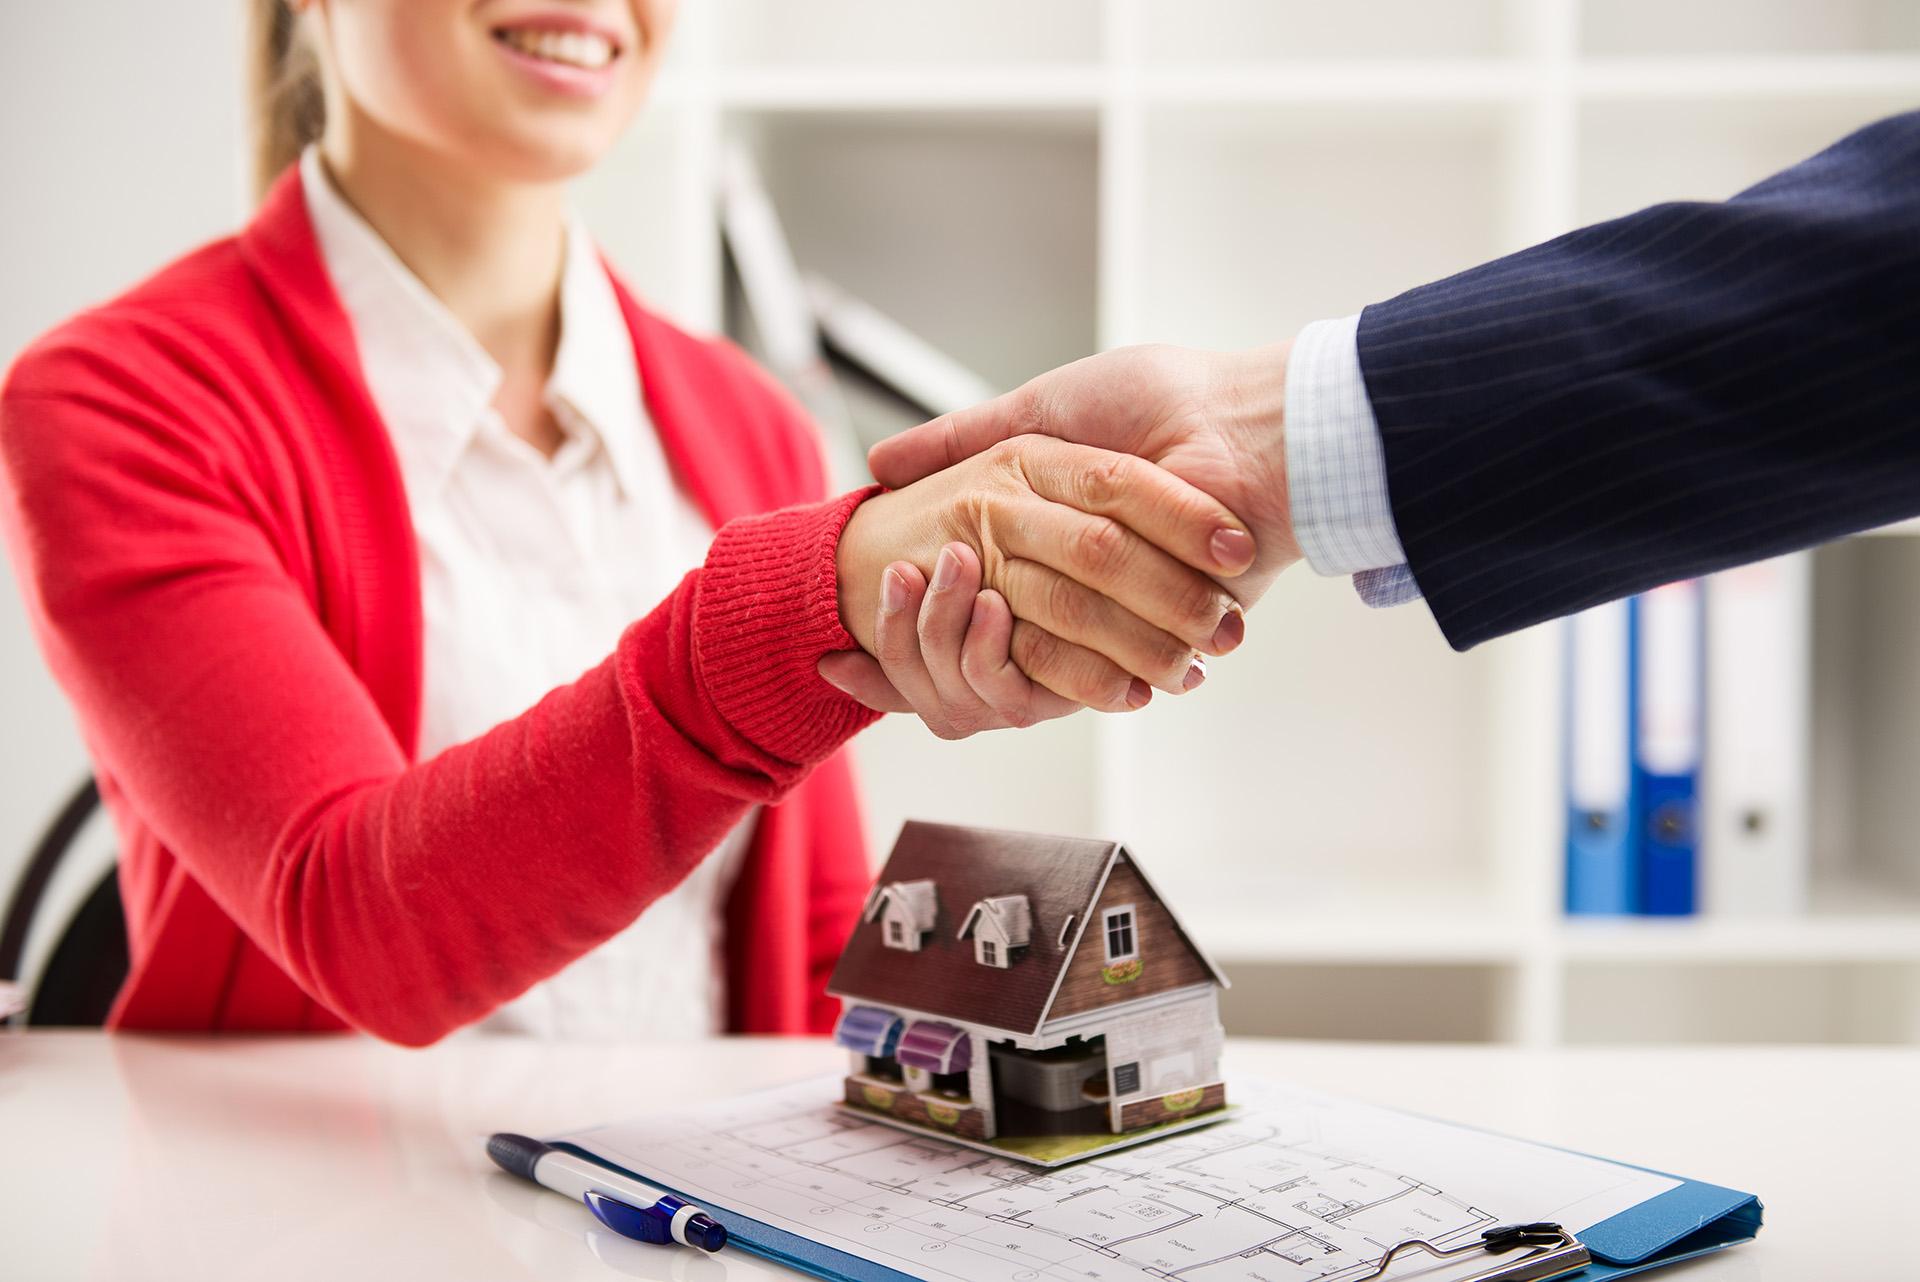 Hus evaluering før kjøp